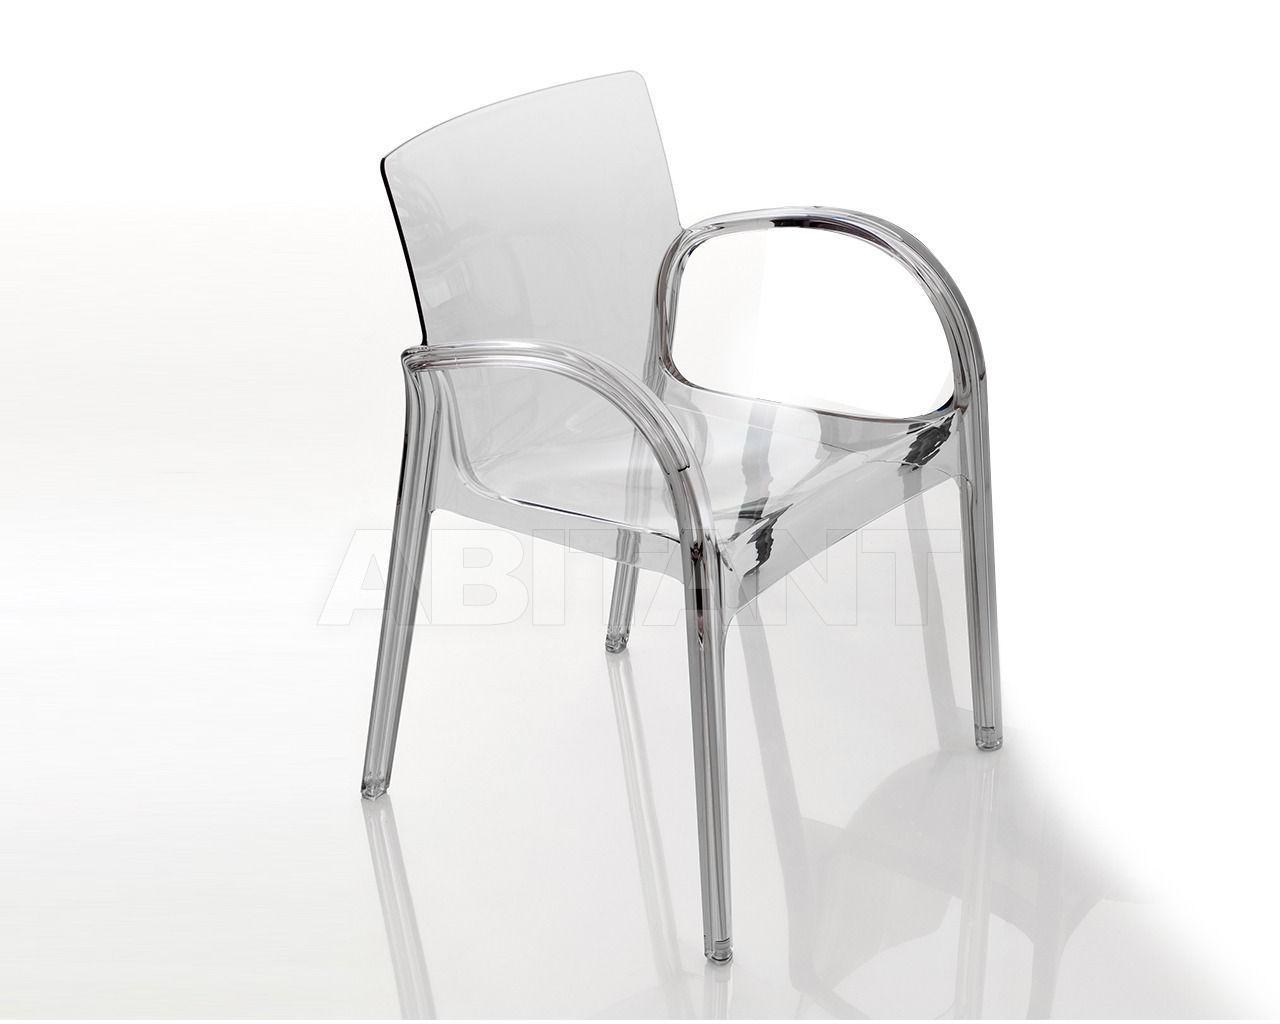 Купить Стул с подлокотниками NORMA Eurosedia Design S.p.A. 2013 292074